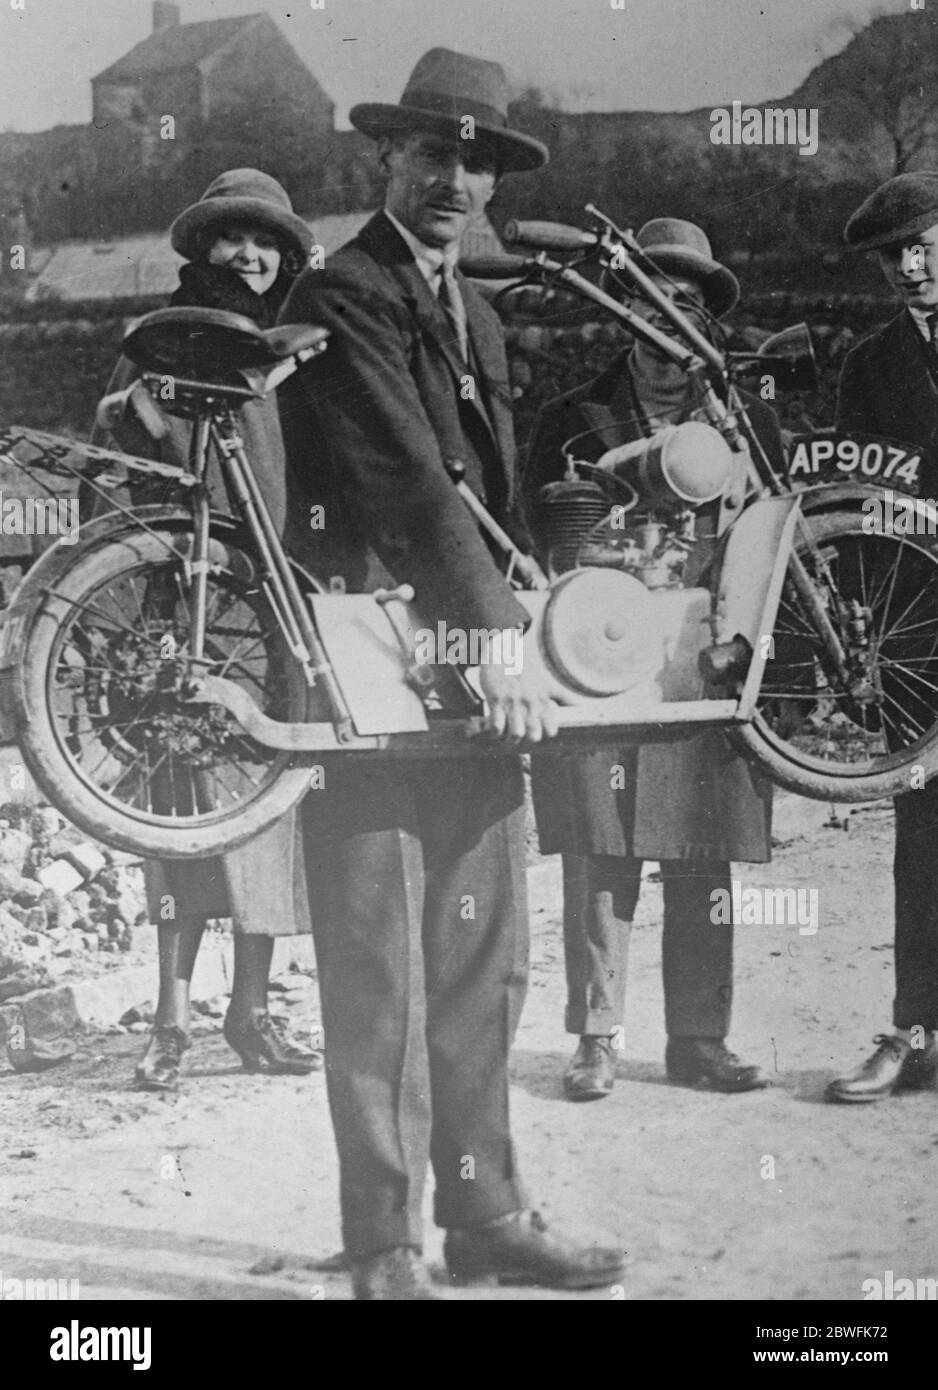 Le major Bailey manquant . Le major Bailey , qui est recherché sur une accusation de meurtre présumé de femme à Hove , est ici vu à une démonstration de scooter de moteur . 12 décembre 1923 Banque D'Images